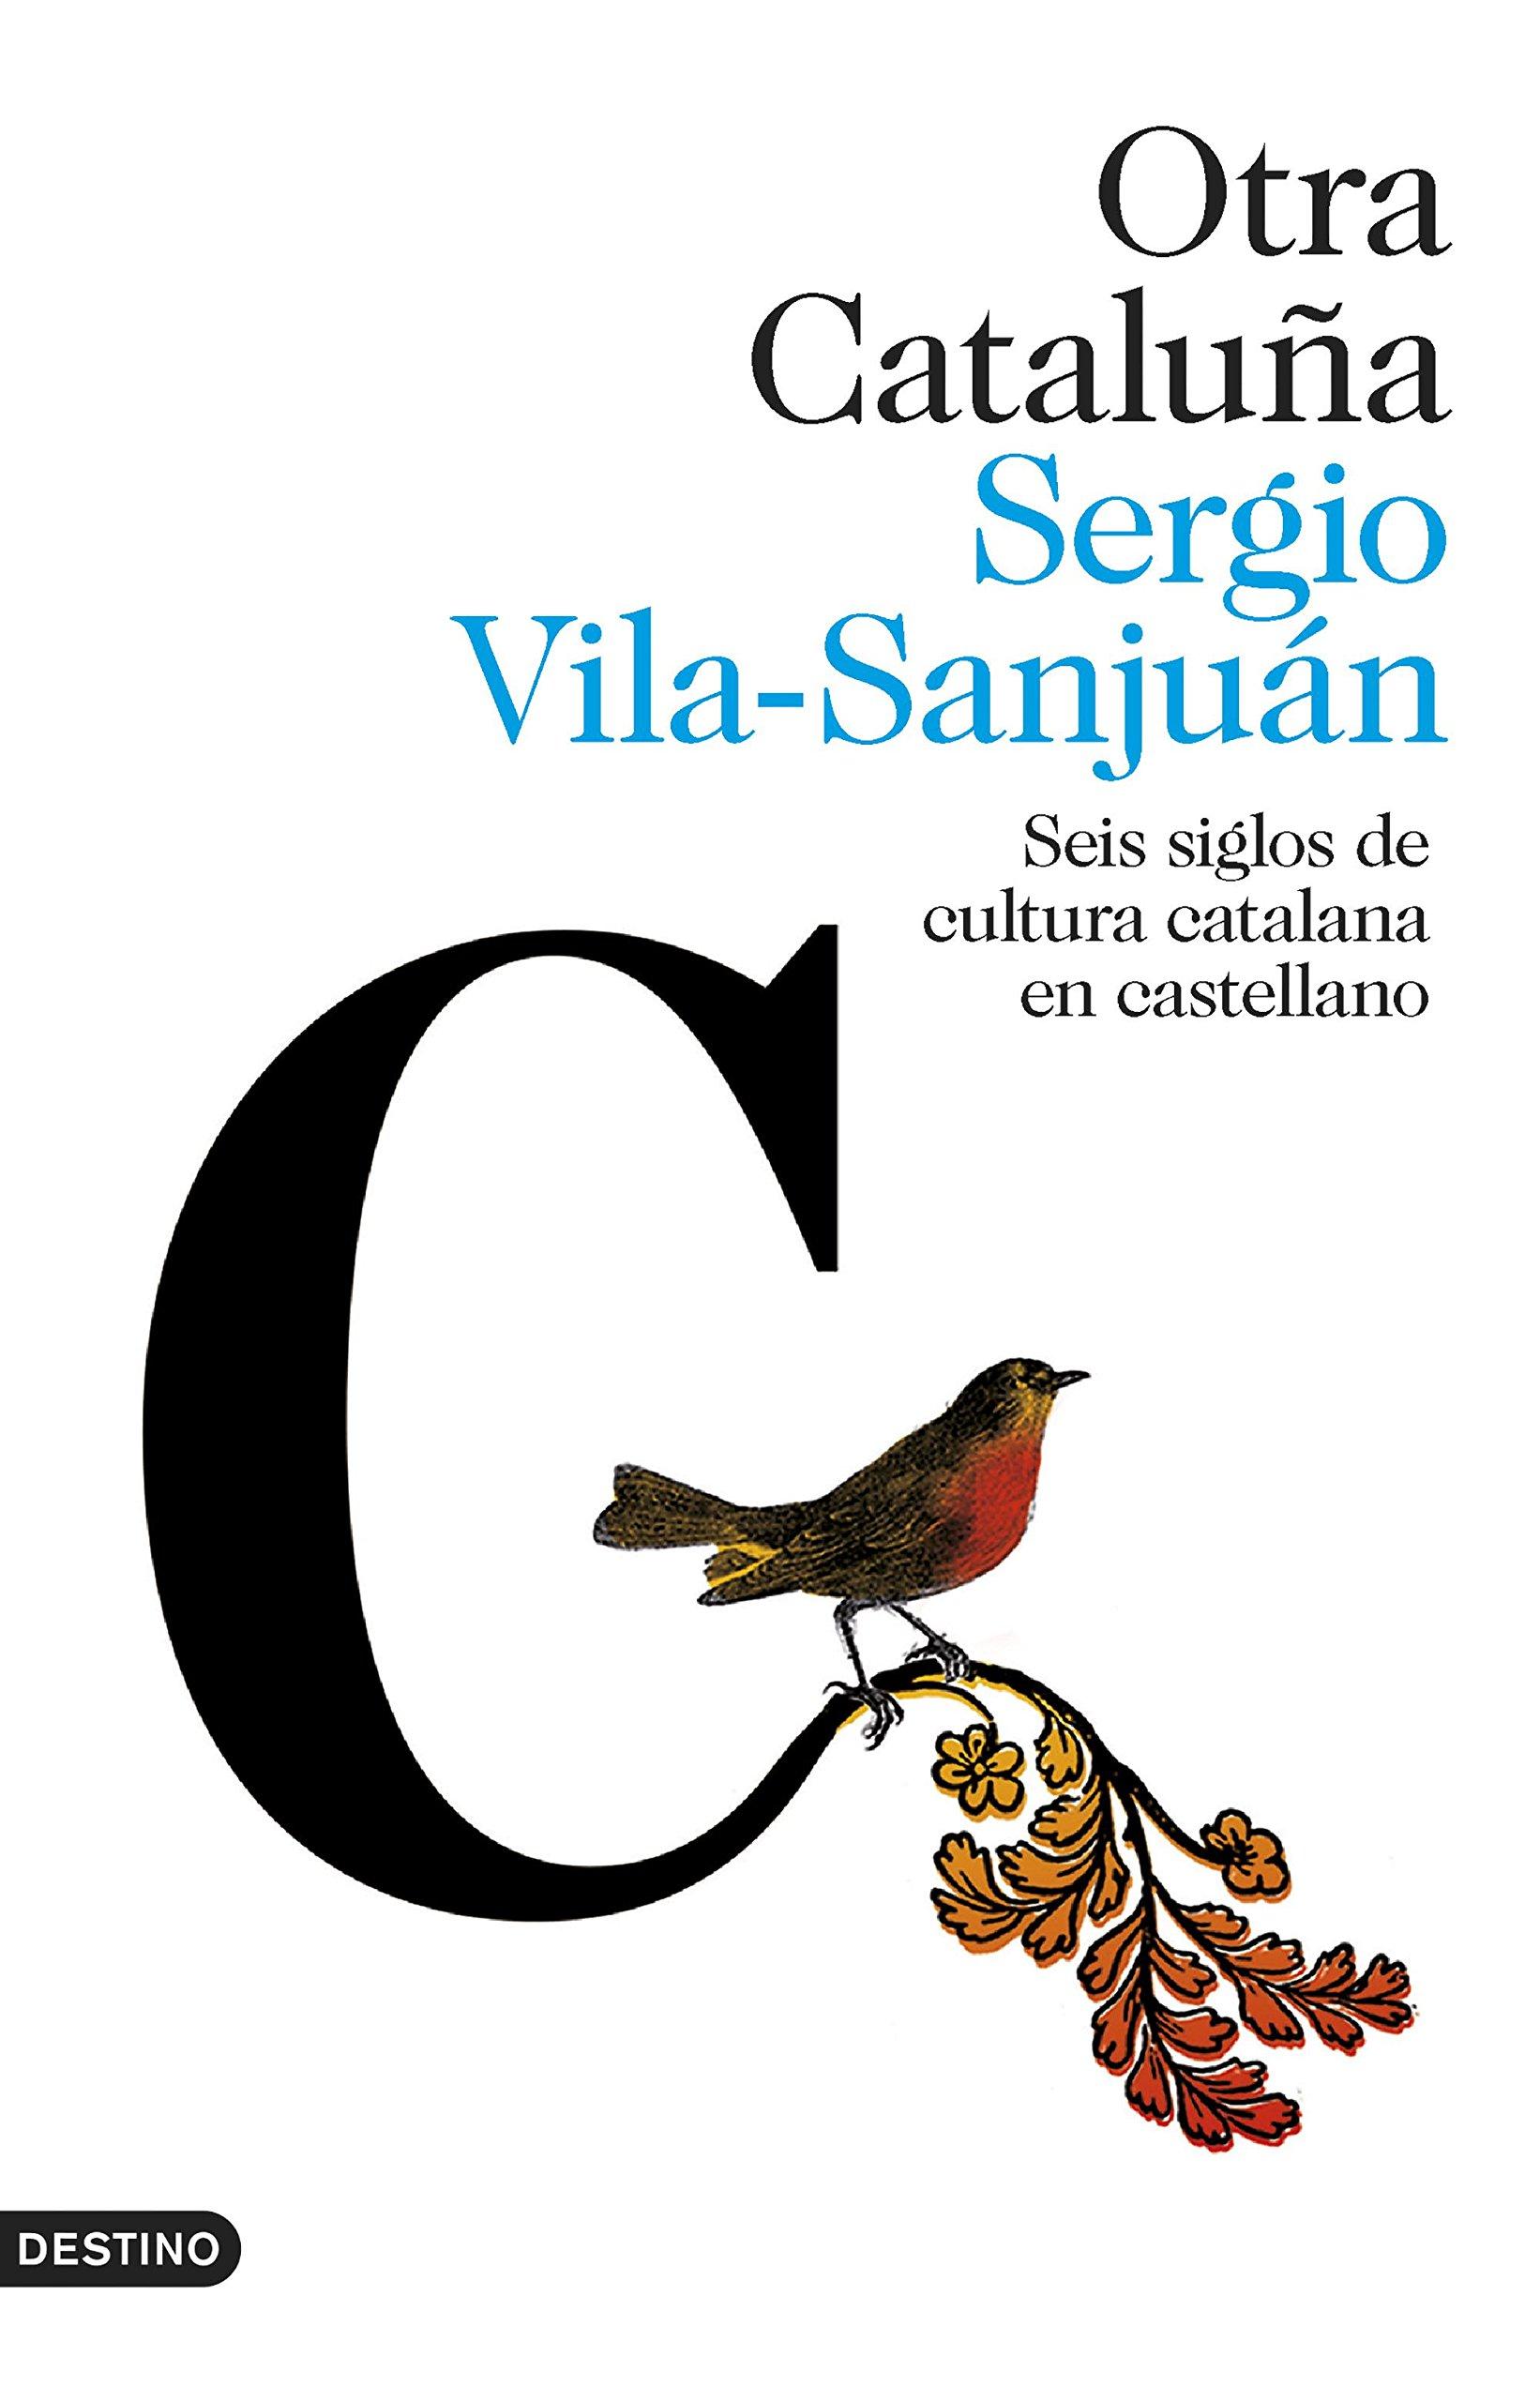 Otra Cataluña: Seis siglos de cultura catalana en castellano Imago Mundi: Amazon.es: Vila-Sanjuán, Sergio: Libros